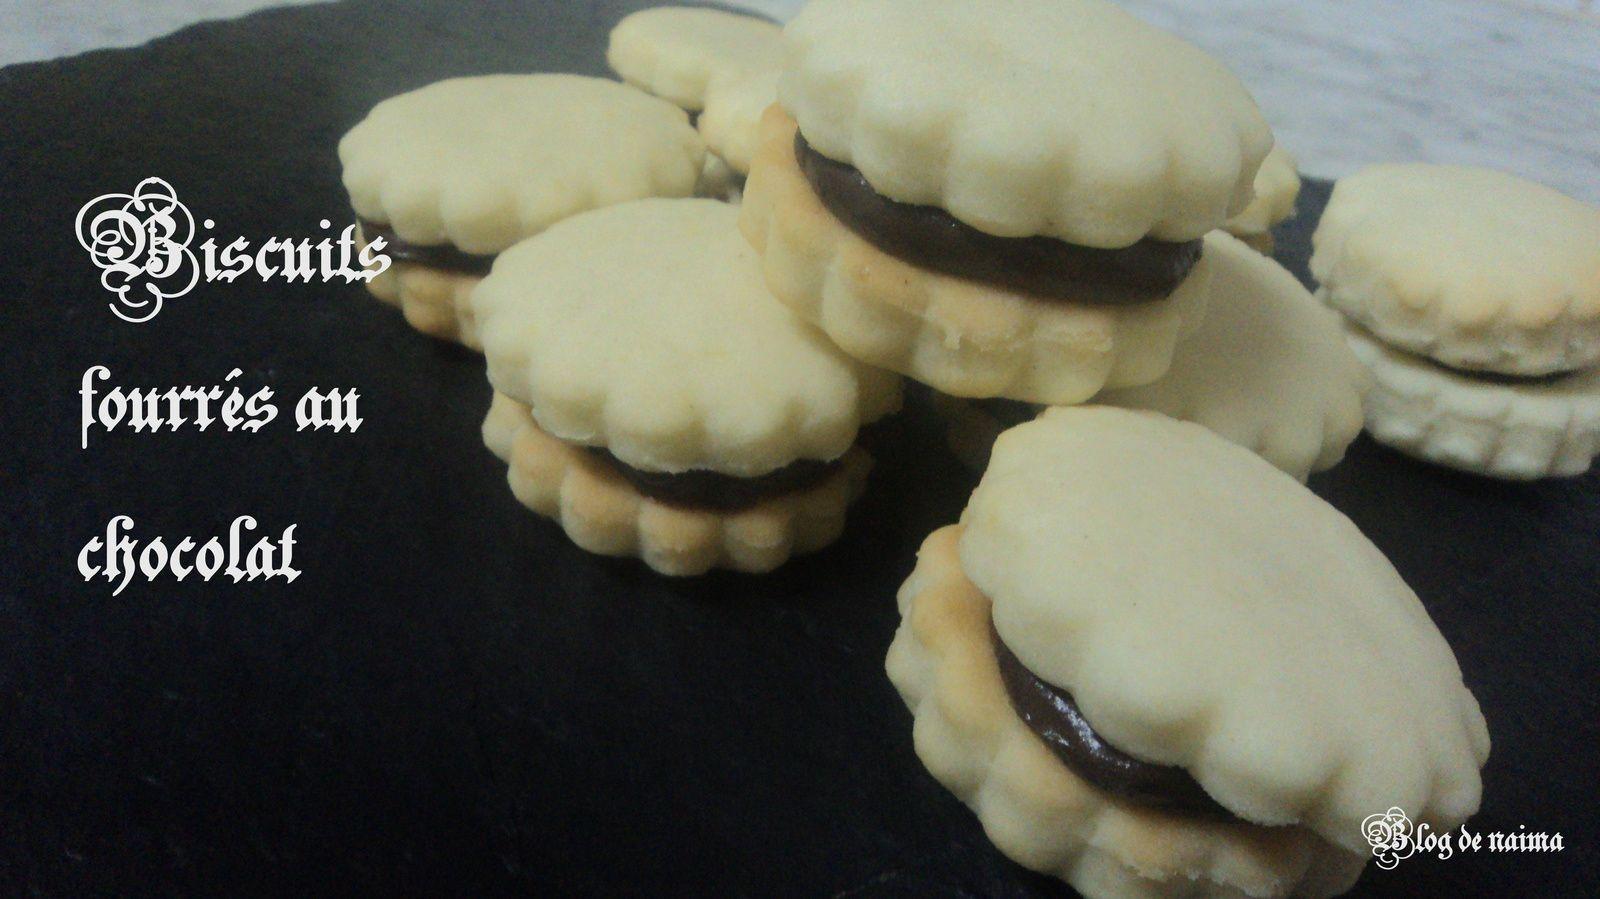 Biscuits fourrés au chocolat pour l'escapade en cuisine